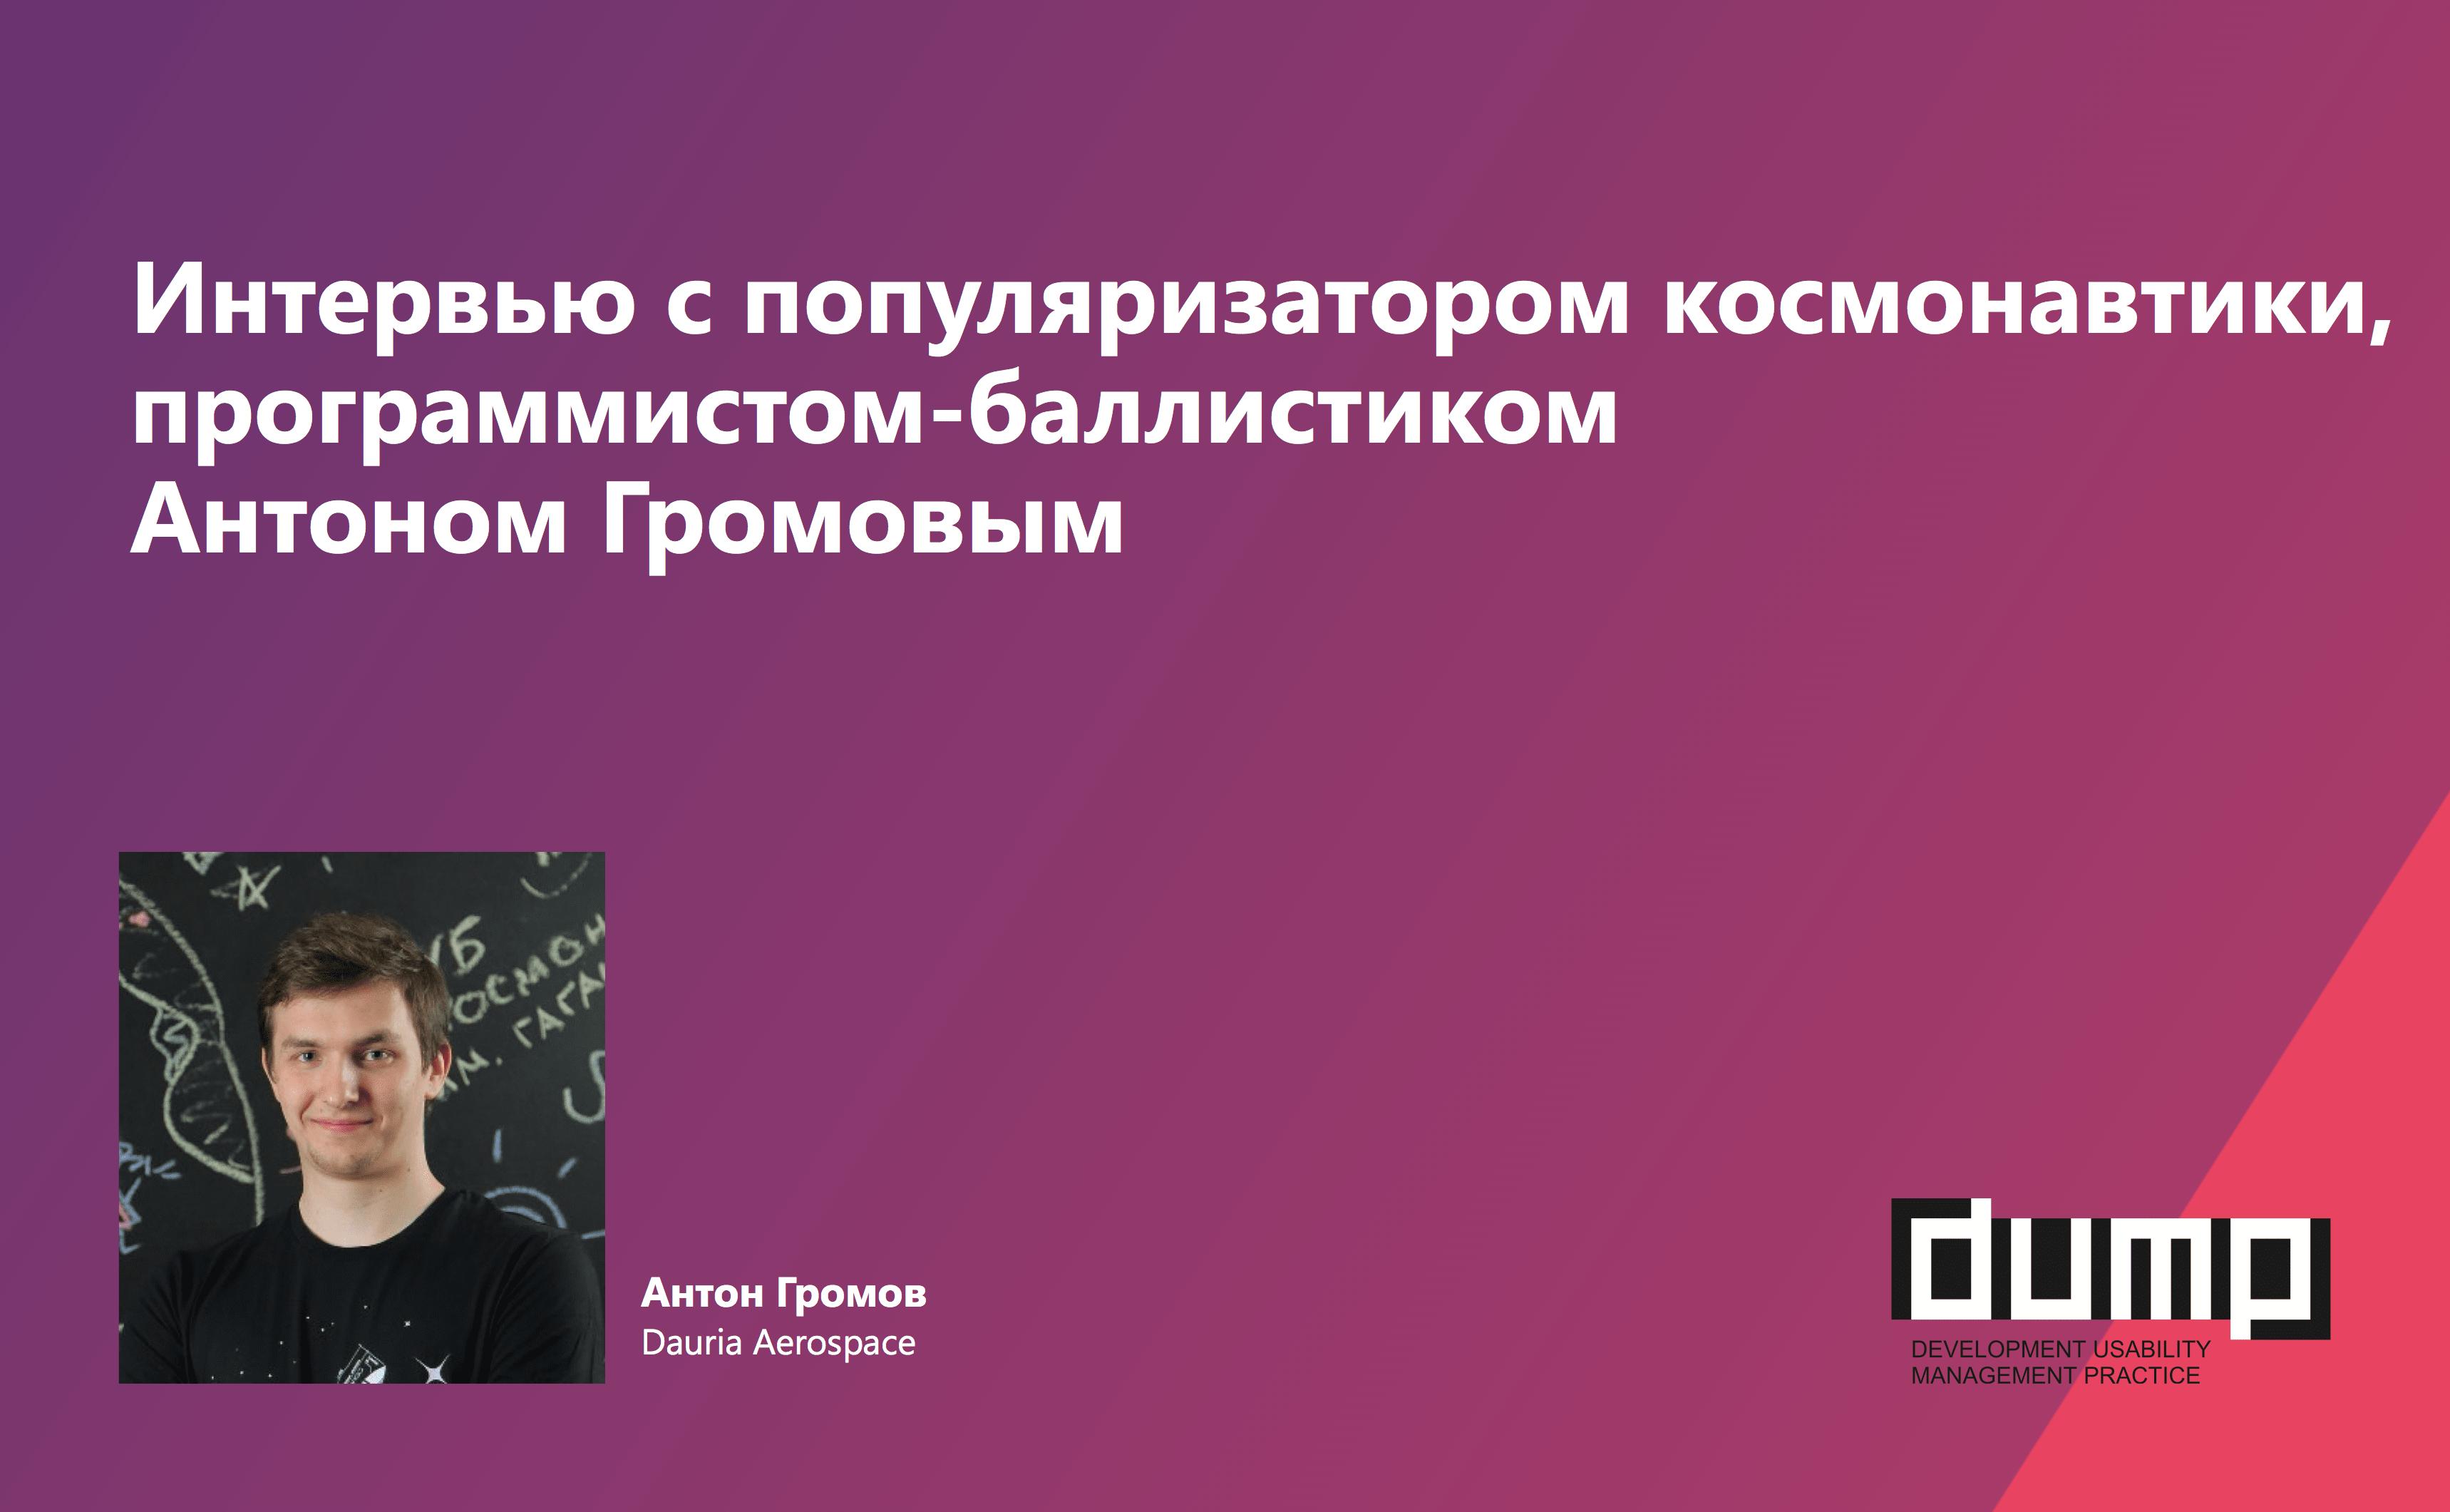 Интервью с популяризатором космонавтики, программистом-баллистиком Антоном Громовым - 1